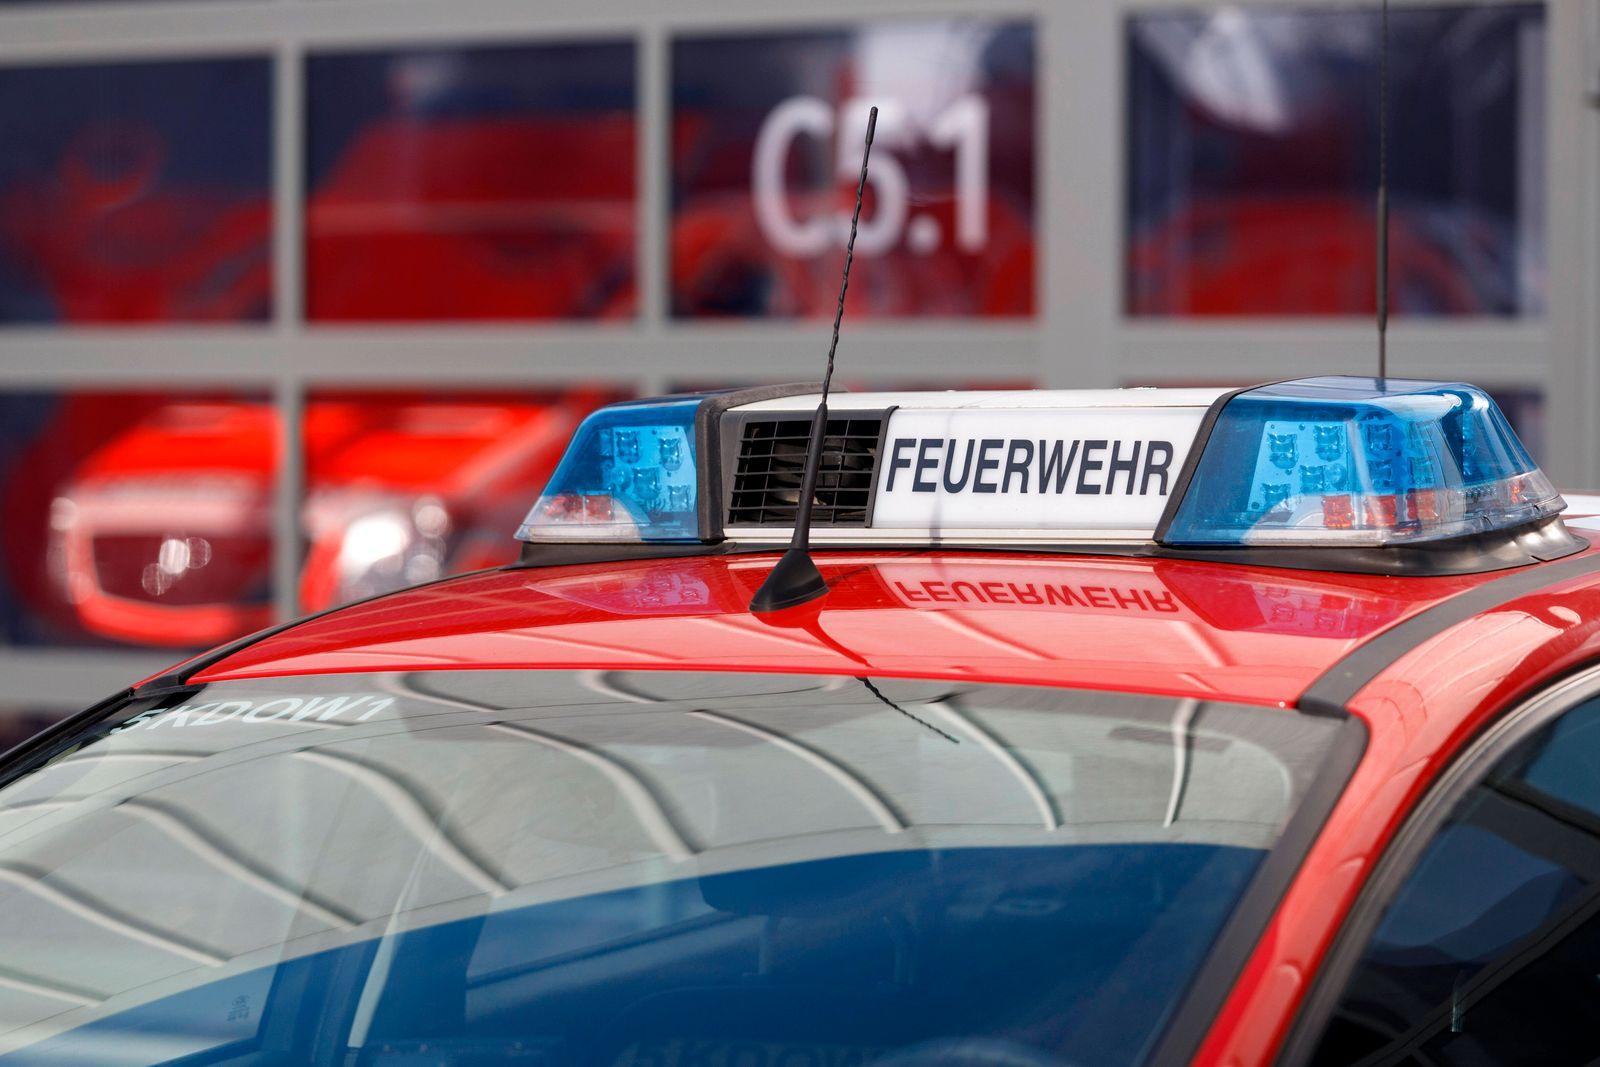 Feuerwehrfahrzeug bei der Präsentation des neuen Logos der Feuerwehr Köln in der Feuerwache an der Gummersbacher Straße